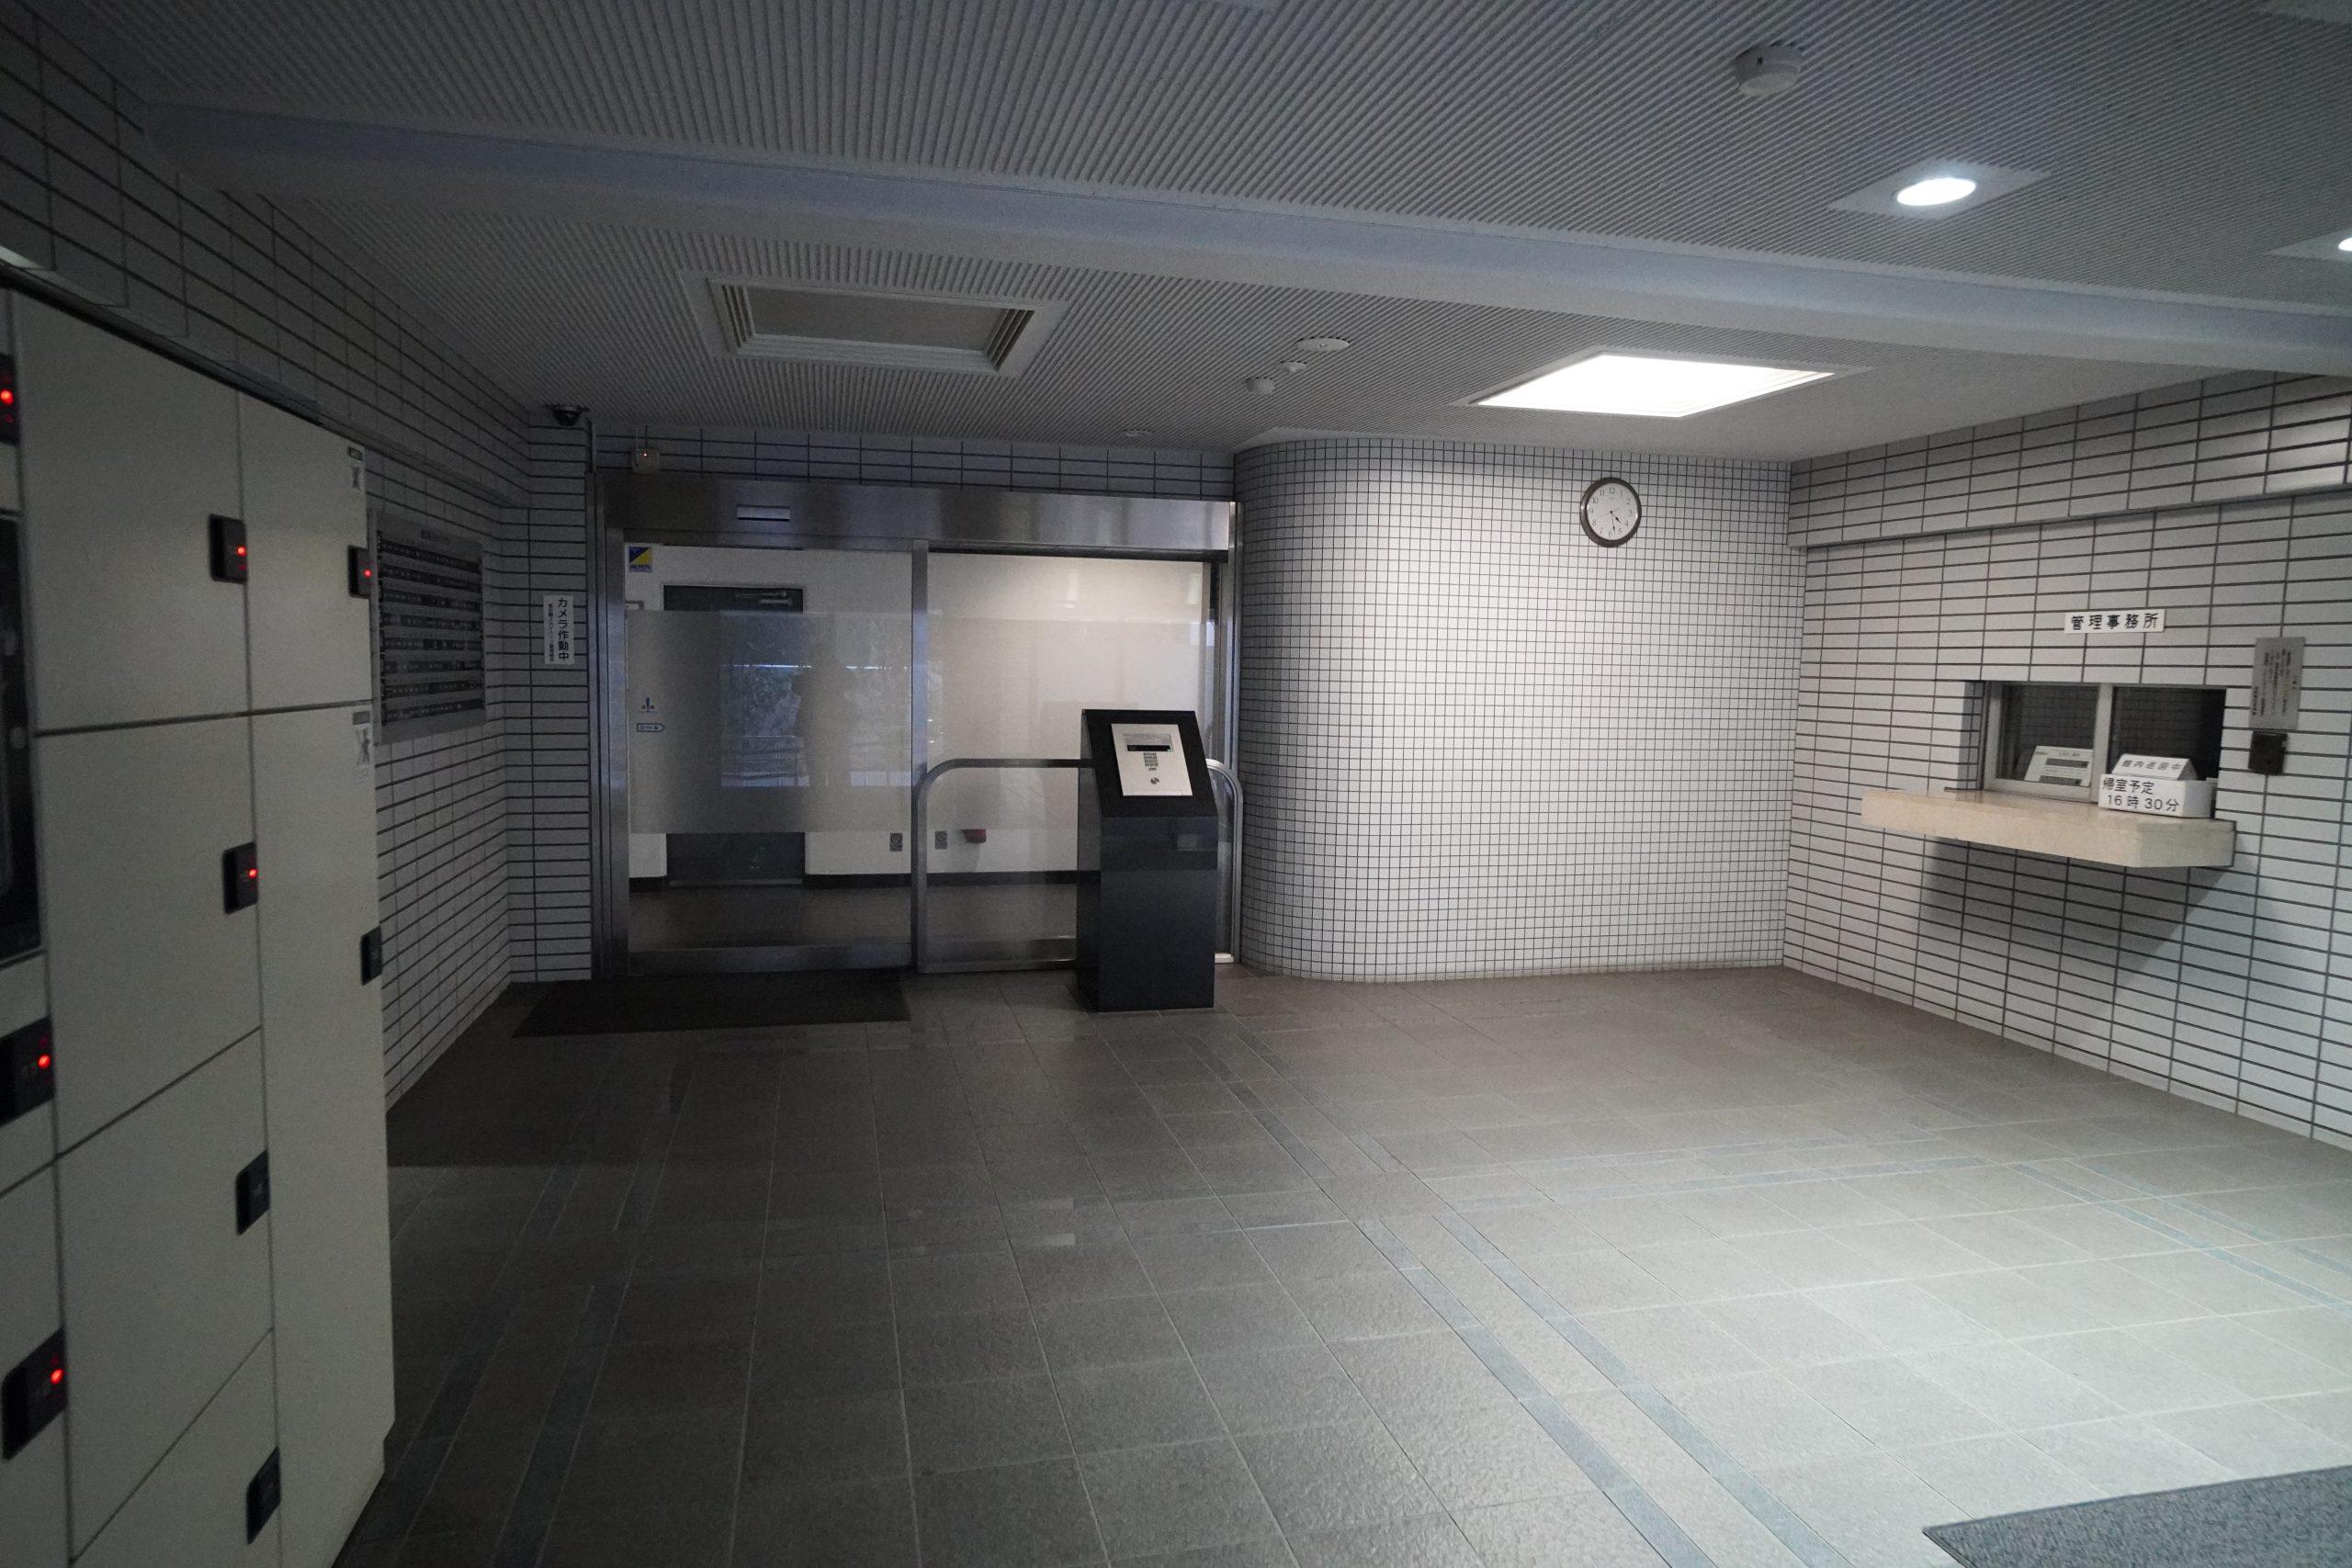 恵比寿スカイハイツ 413号室の写真14